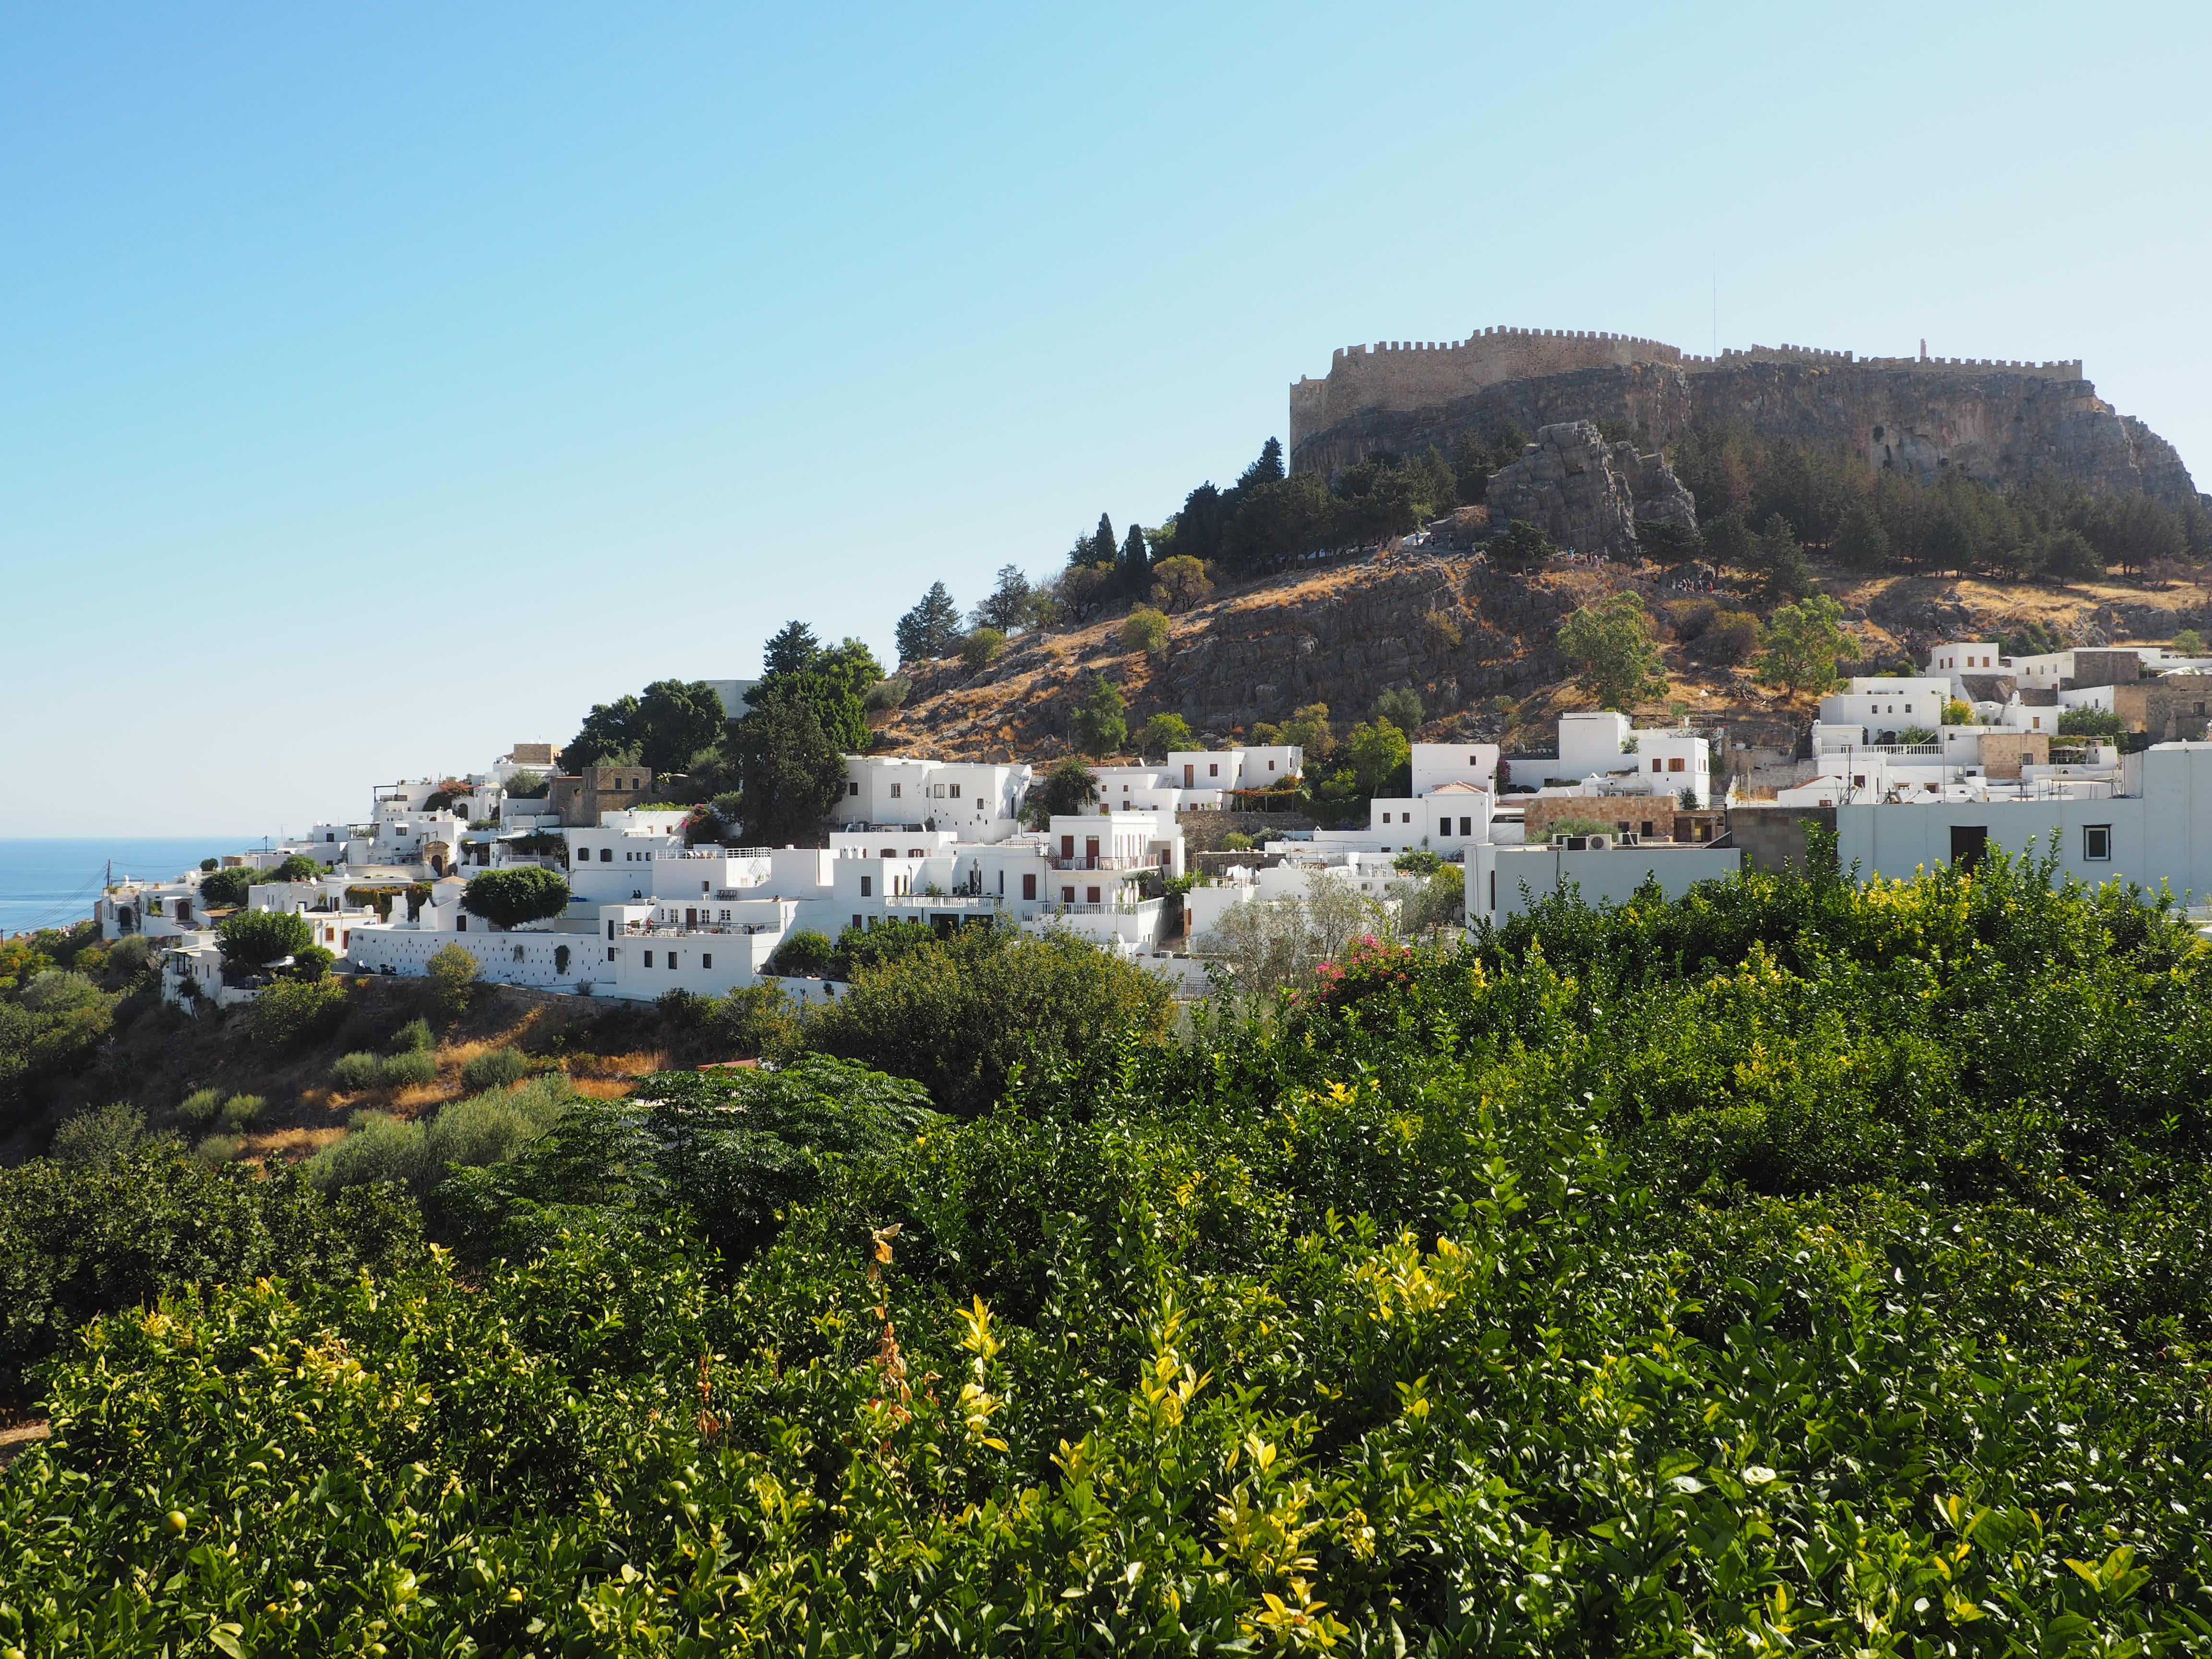 Akropolis von Lindos, hoch über dem malerischen Städtchen Lindos thront die Akropolis